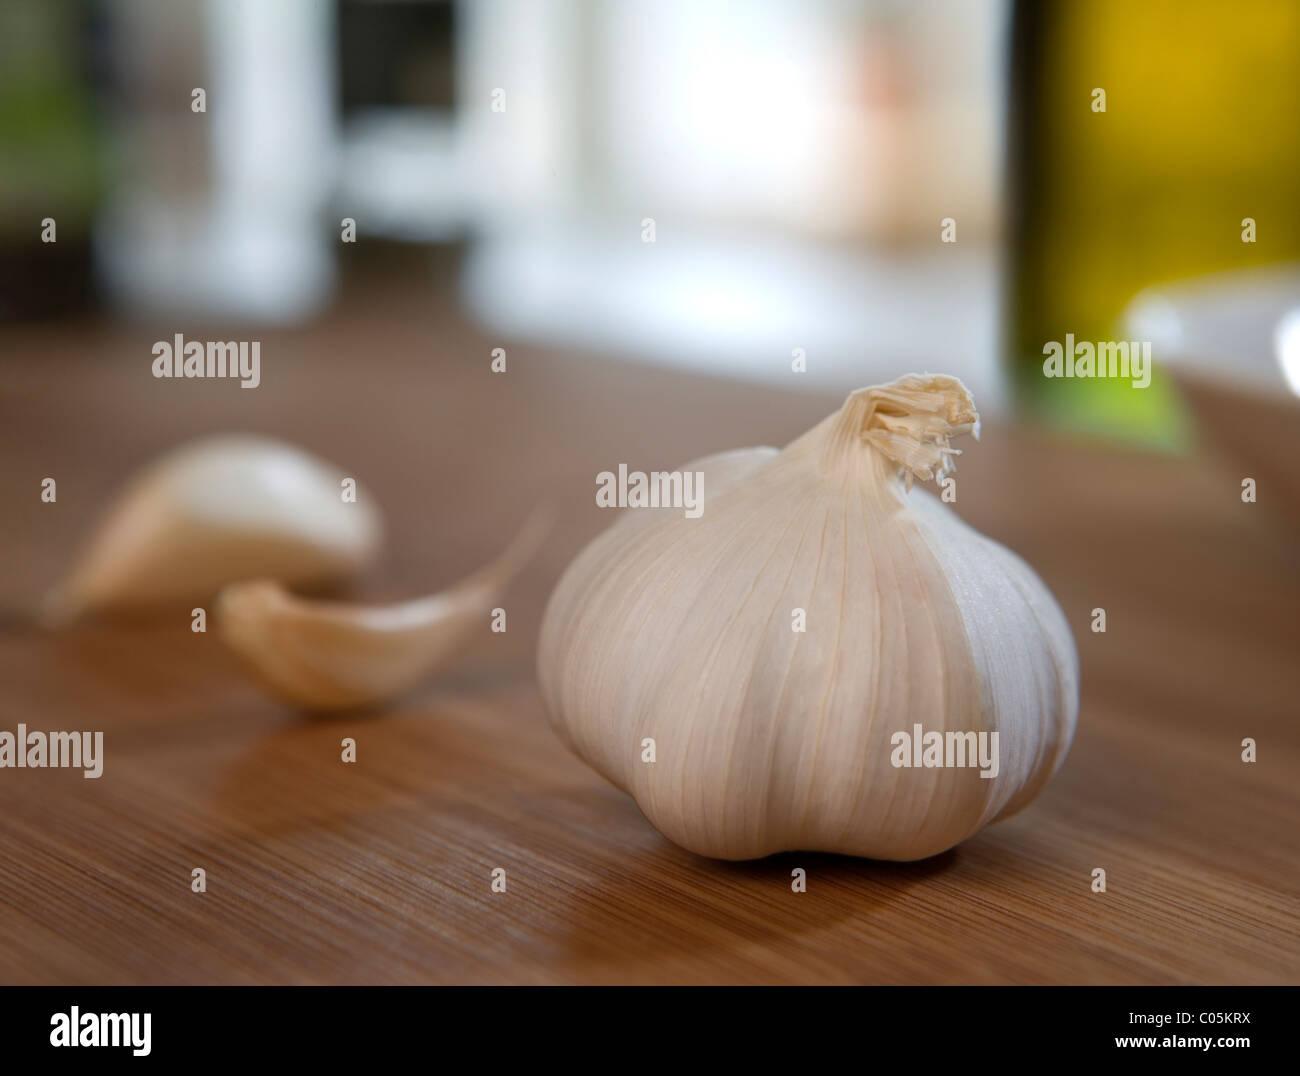 Una testa di aglio e 2 spicchi su un tagliere Immagini Stock